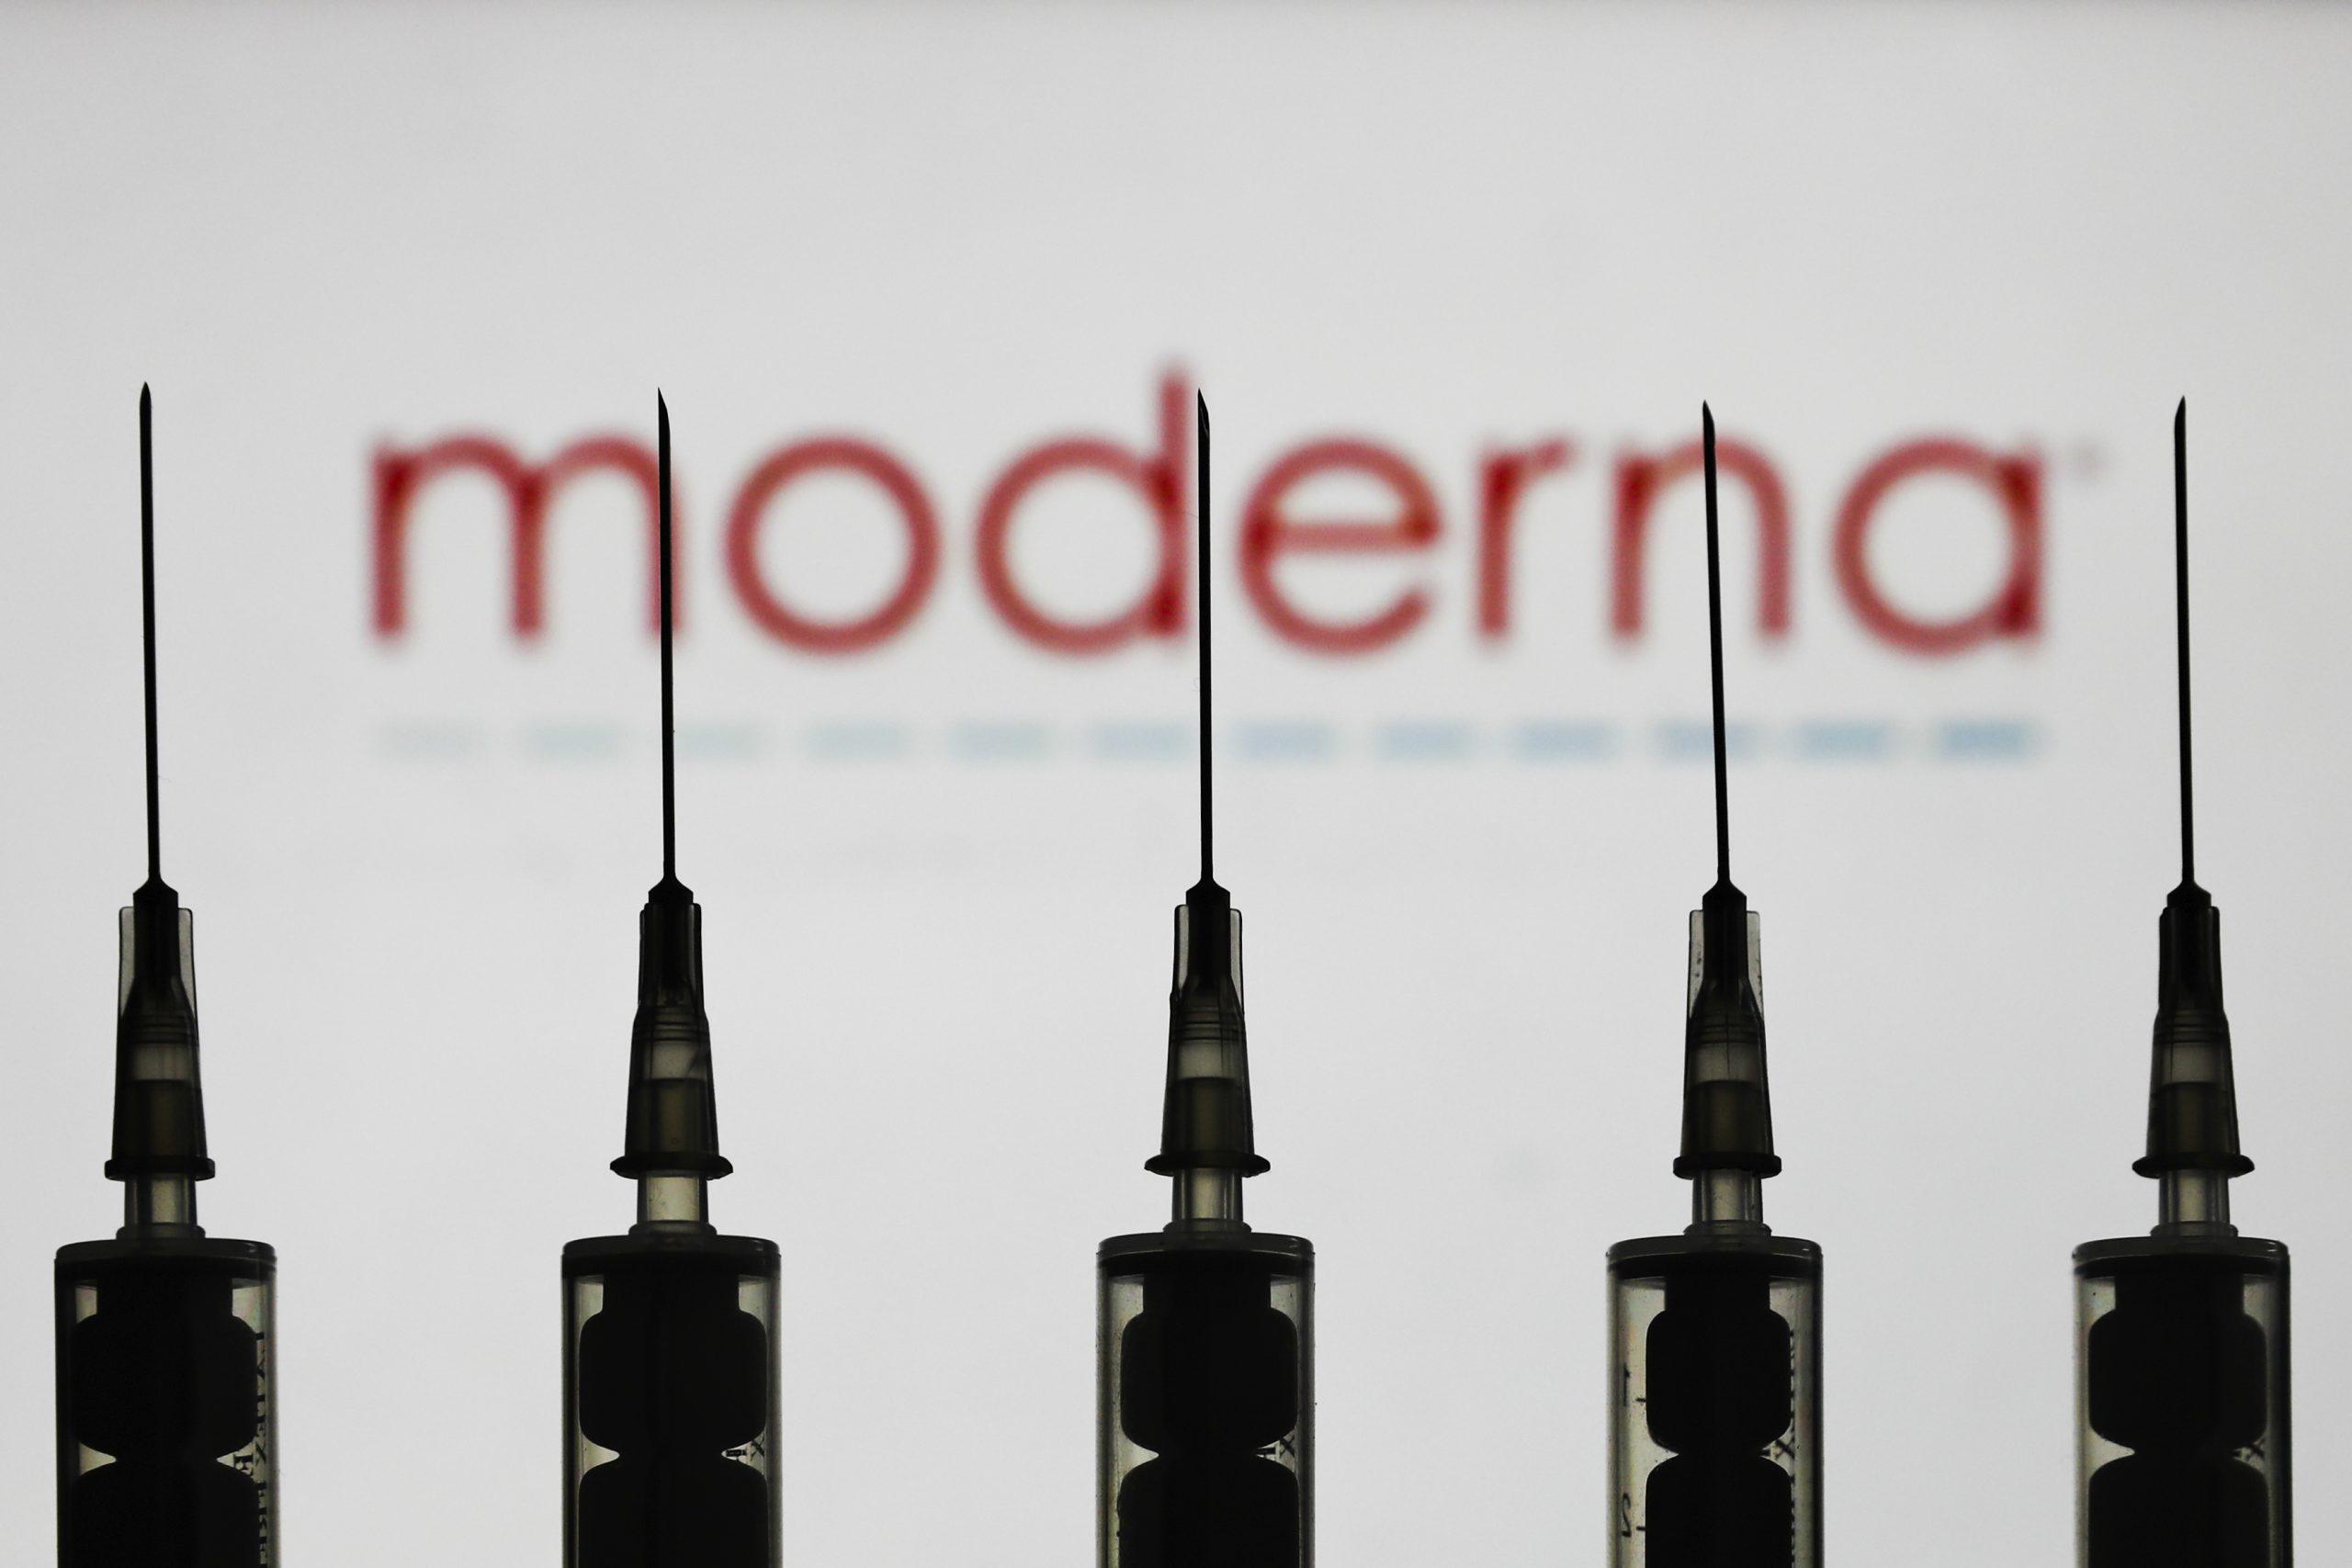 有効性94.5%、モデルナも新型コロナワクチンを開発